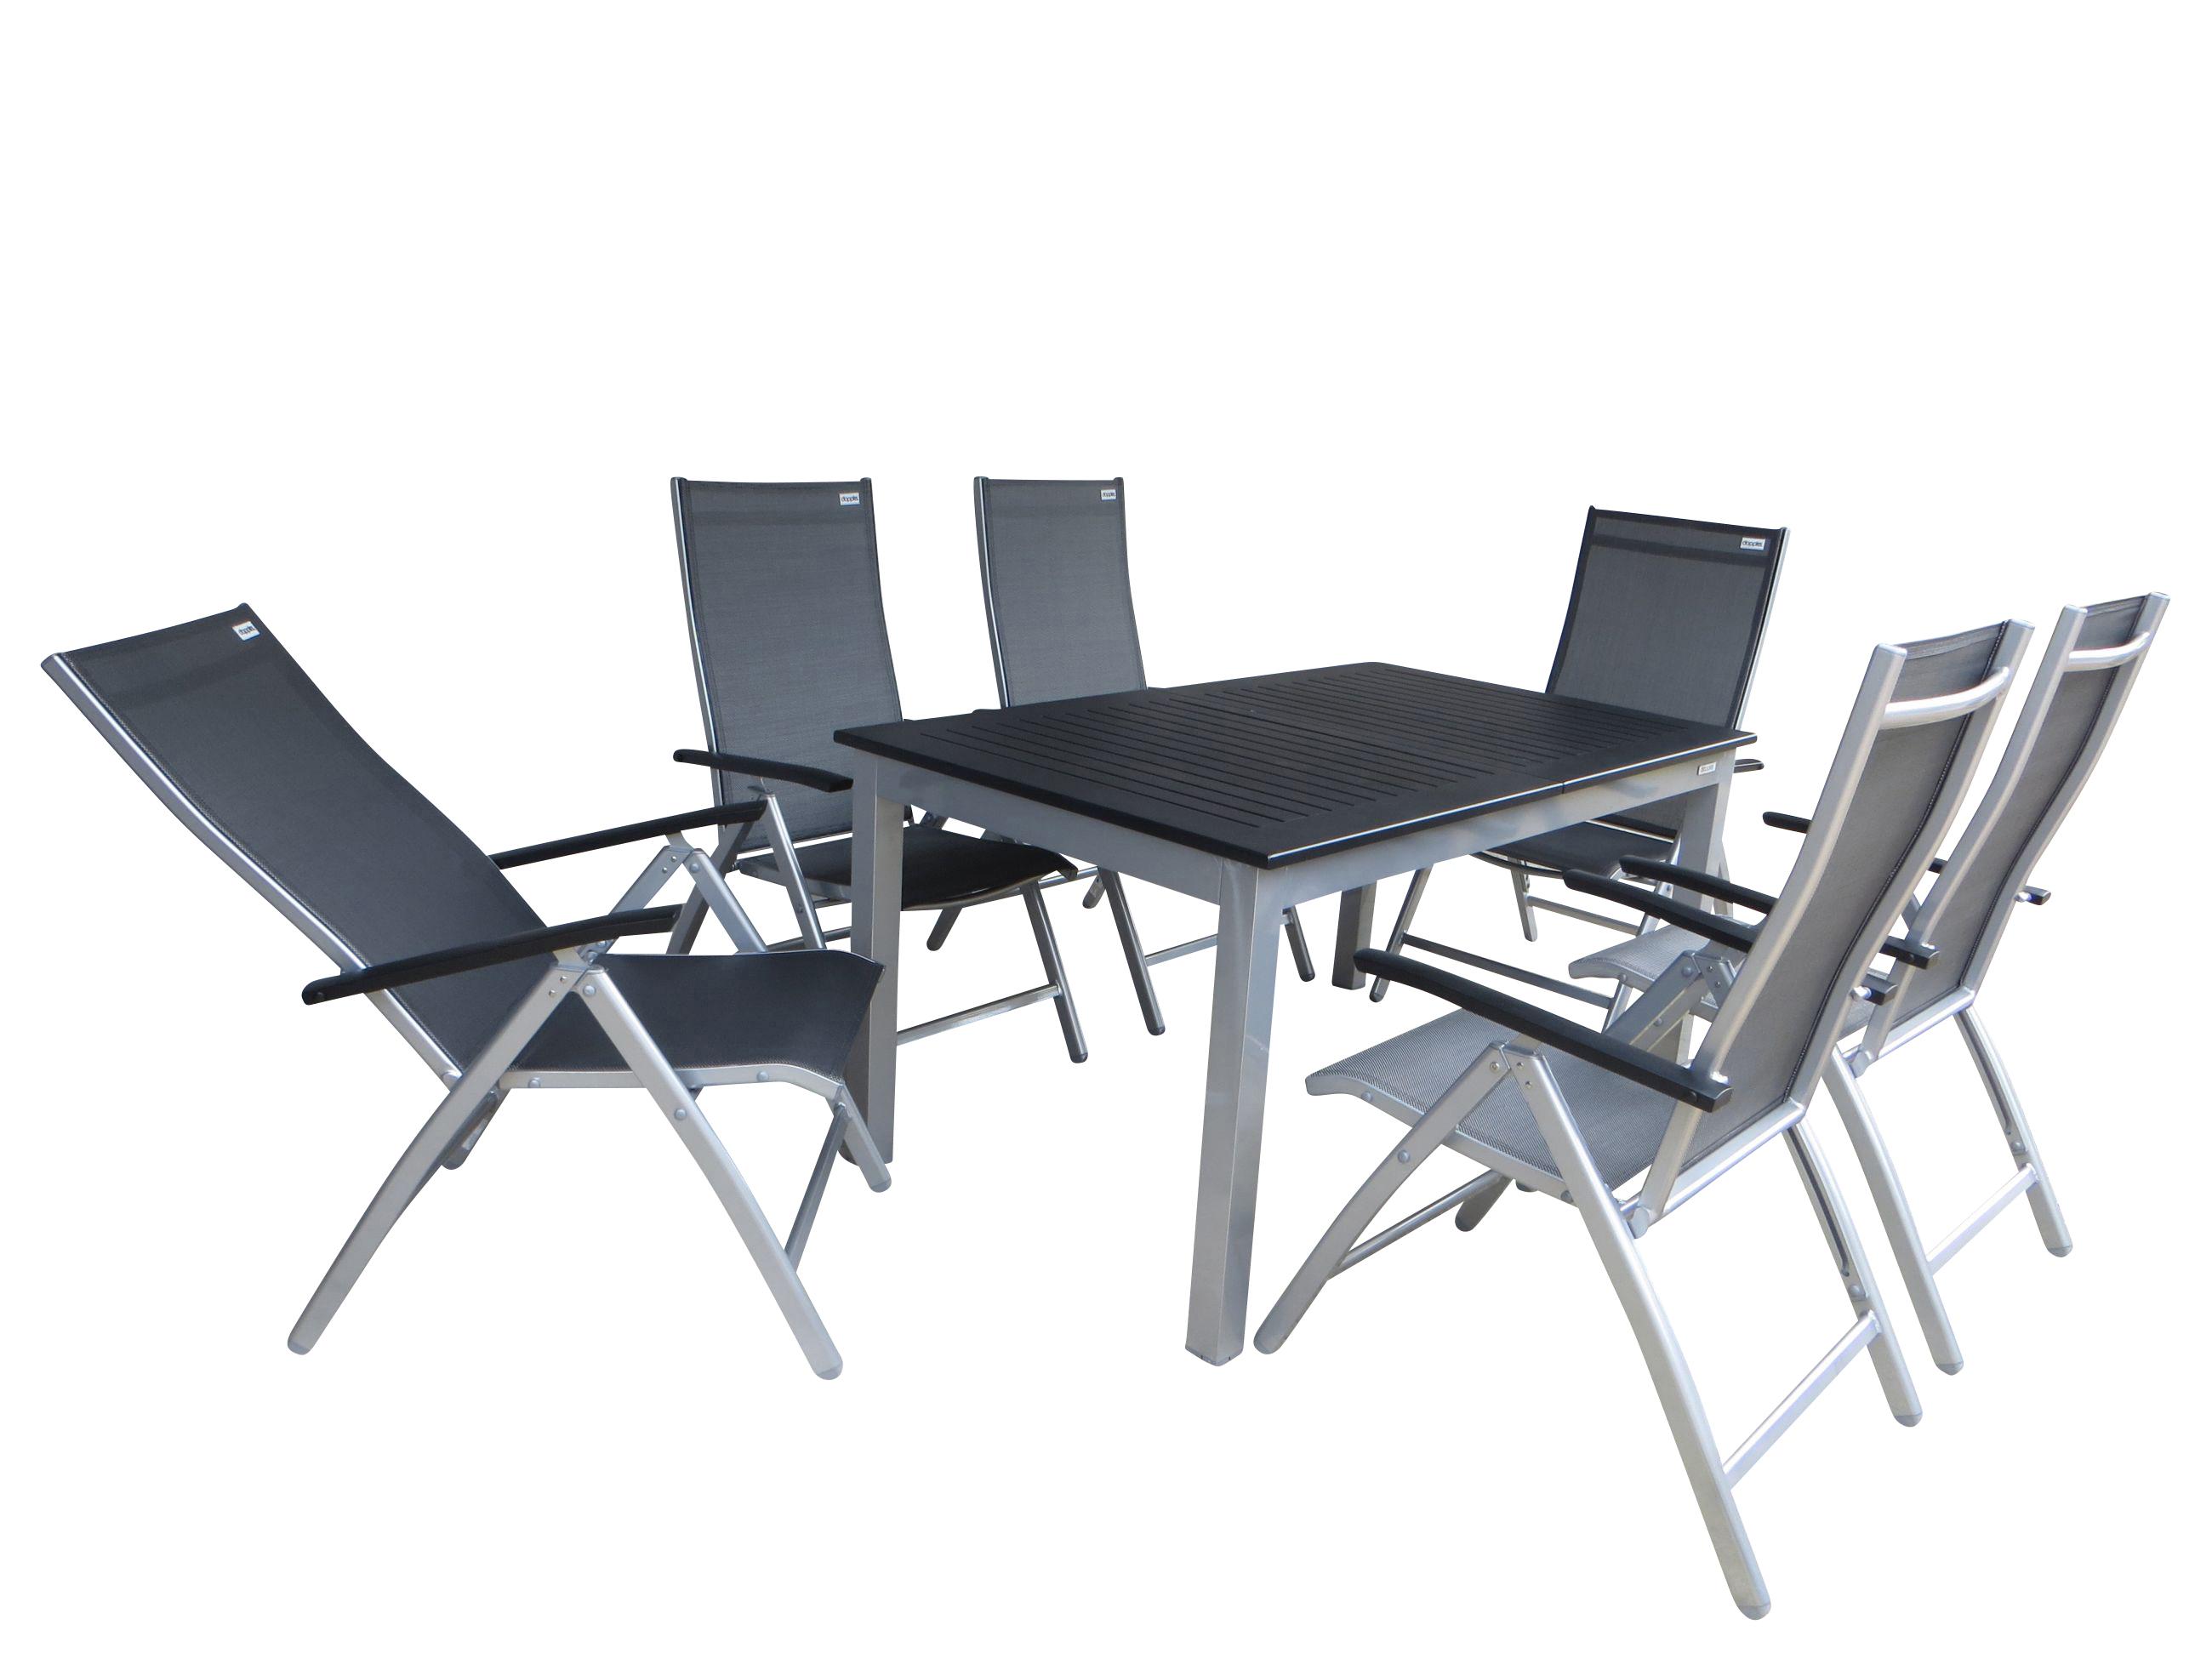 ubud alu gartenm bel set sitzgarnitur 7 teilig silber. Black Bedroom Furniture Sets. Home Design Ideas